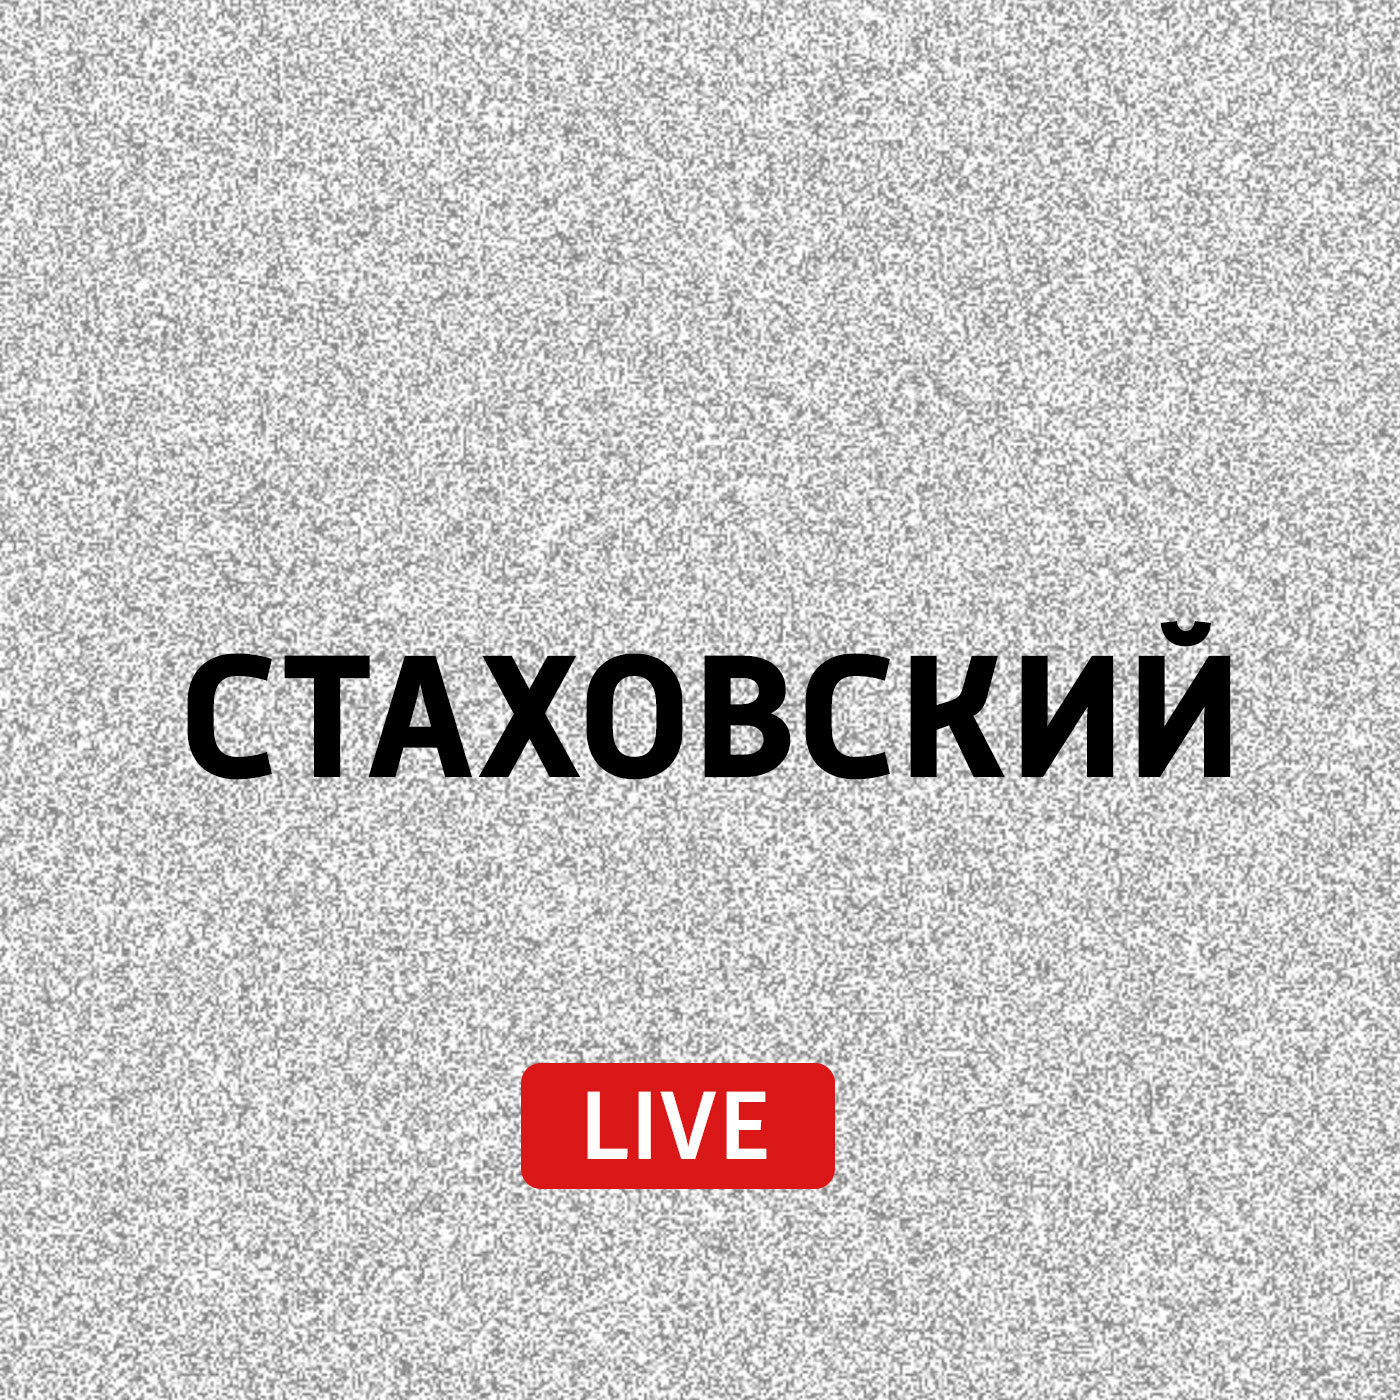 Евгений Стаховский Родился Джозеф Пулитцер набор наука о вулканах bb0935